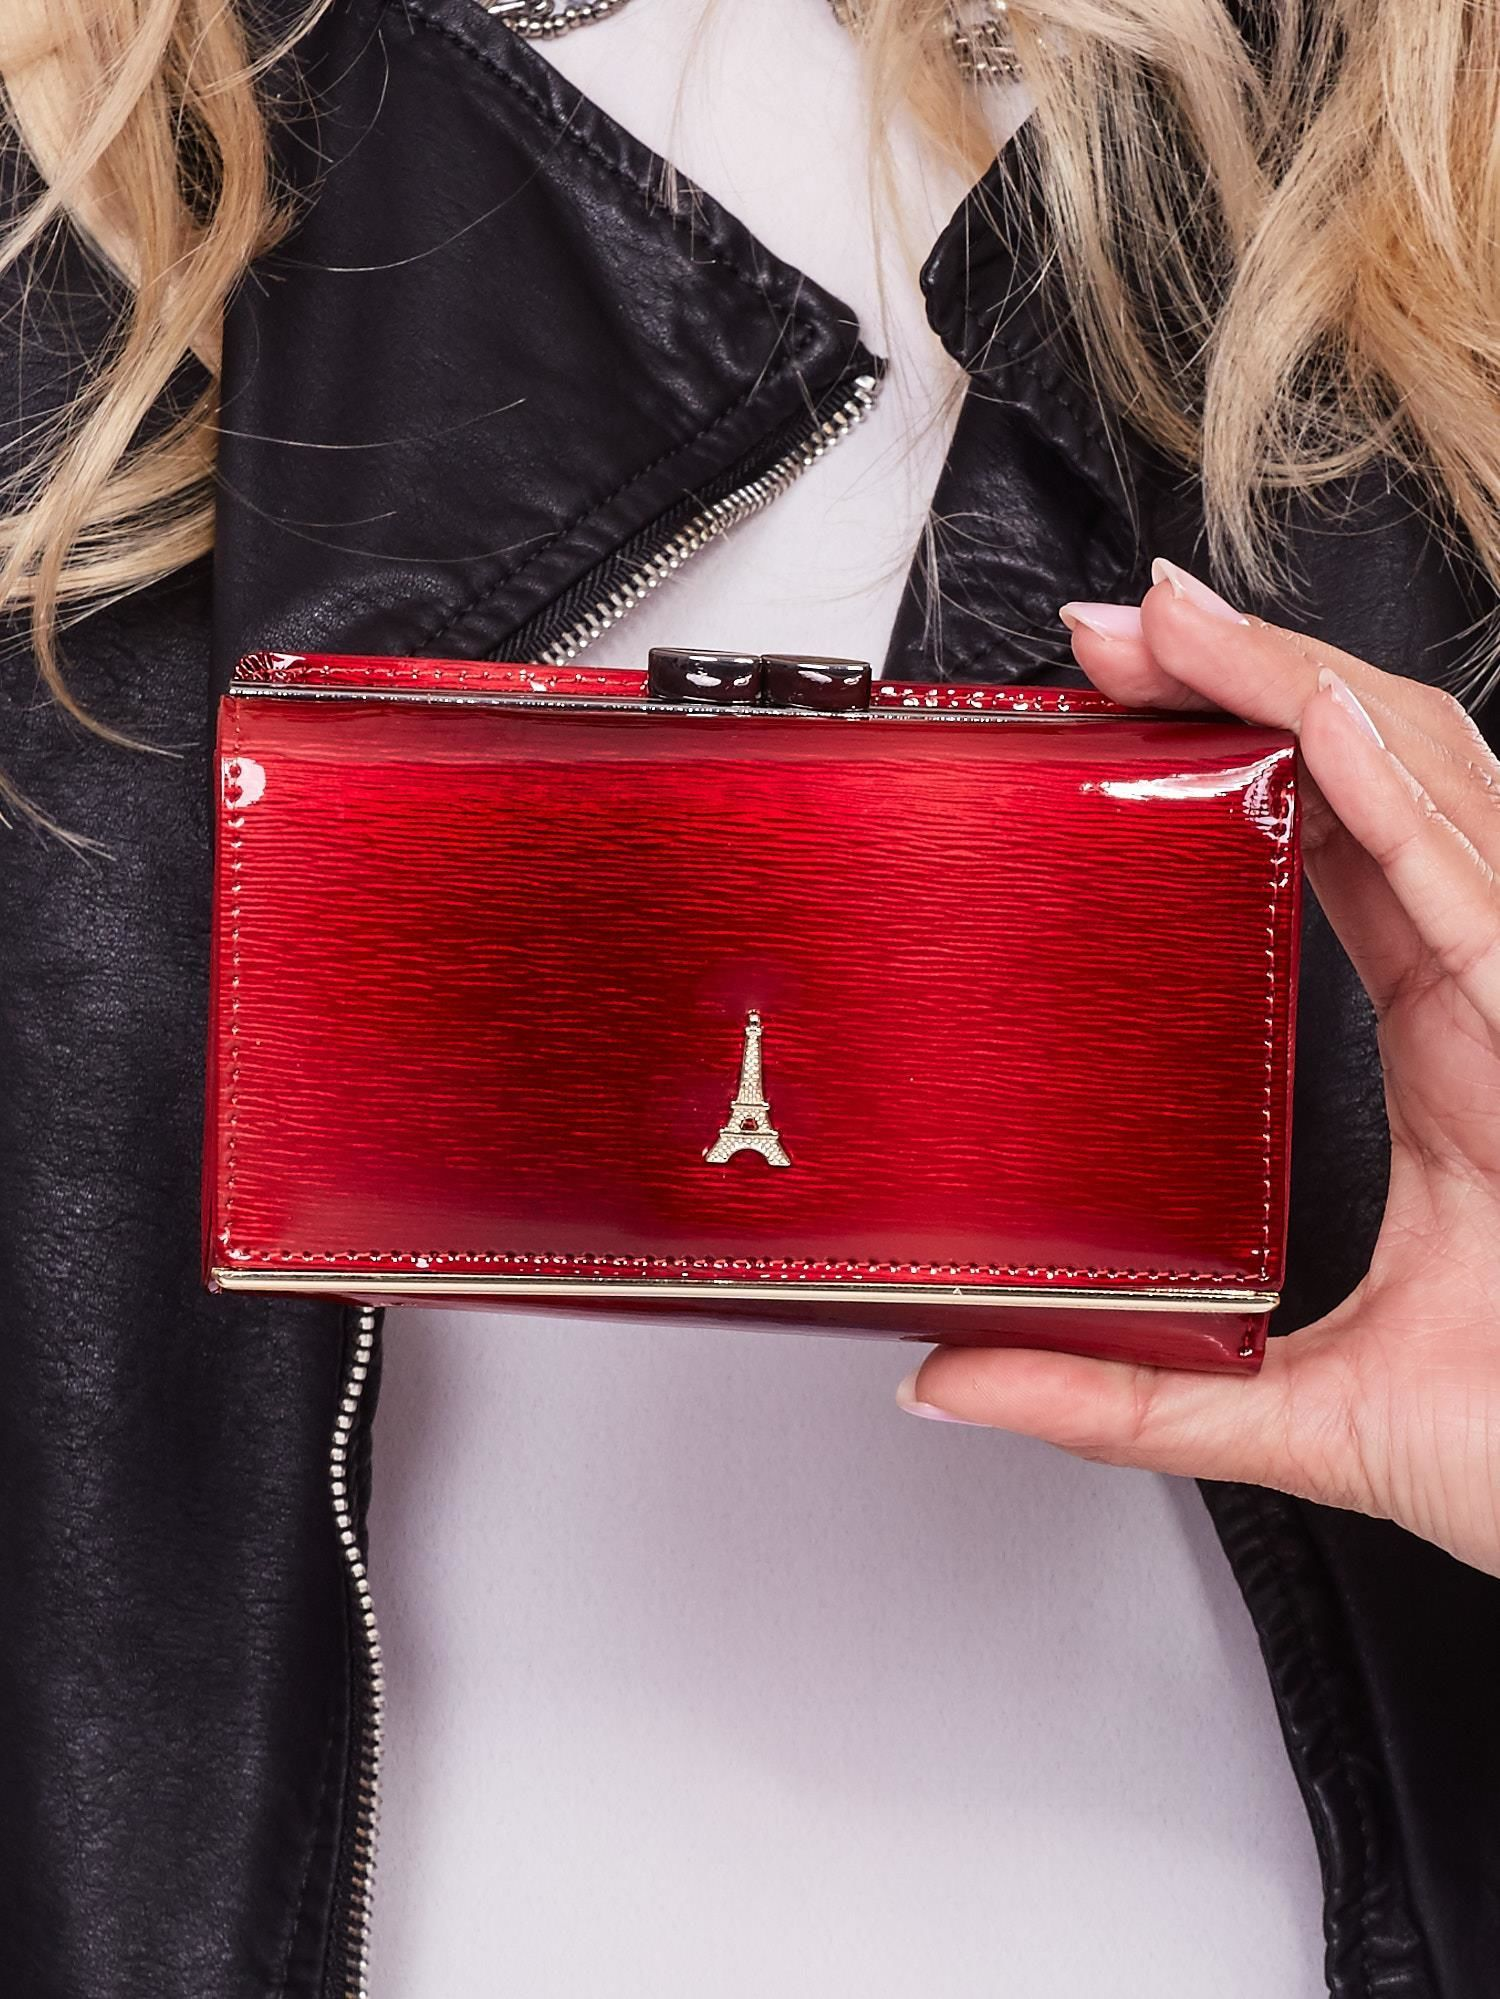 14447e67cfd12 Czerwony skórzany portfel damski lakierowany - Akcesoria portfele - sklep  eButik.pl